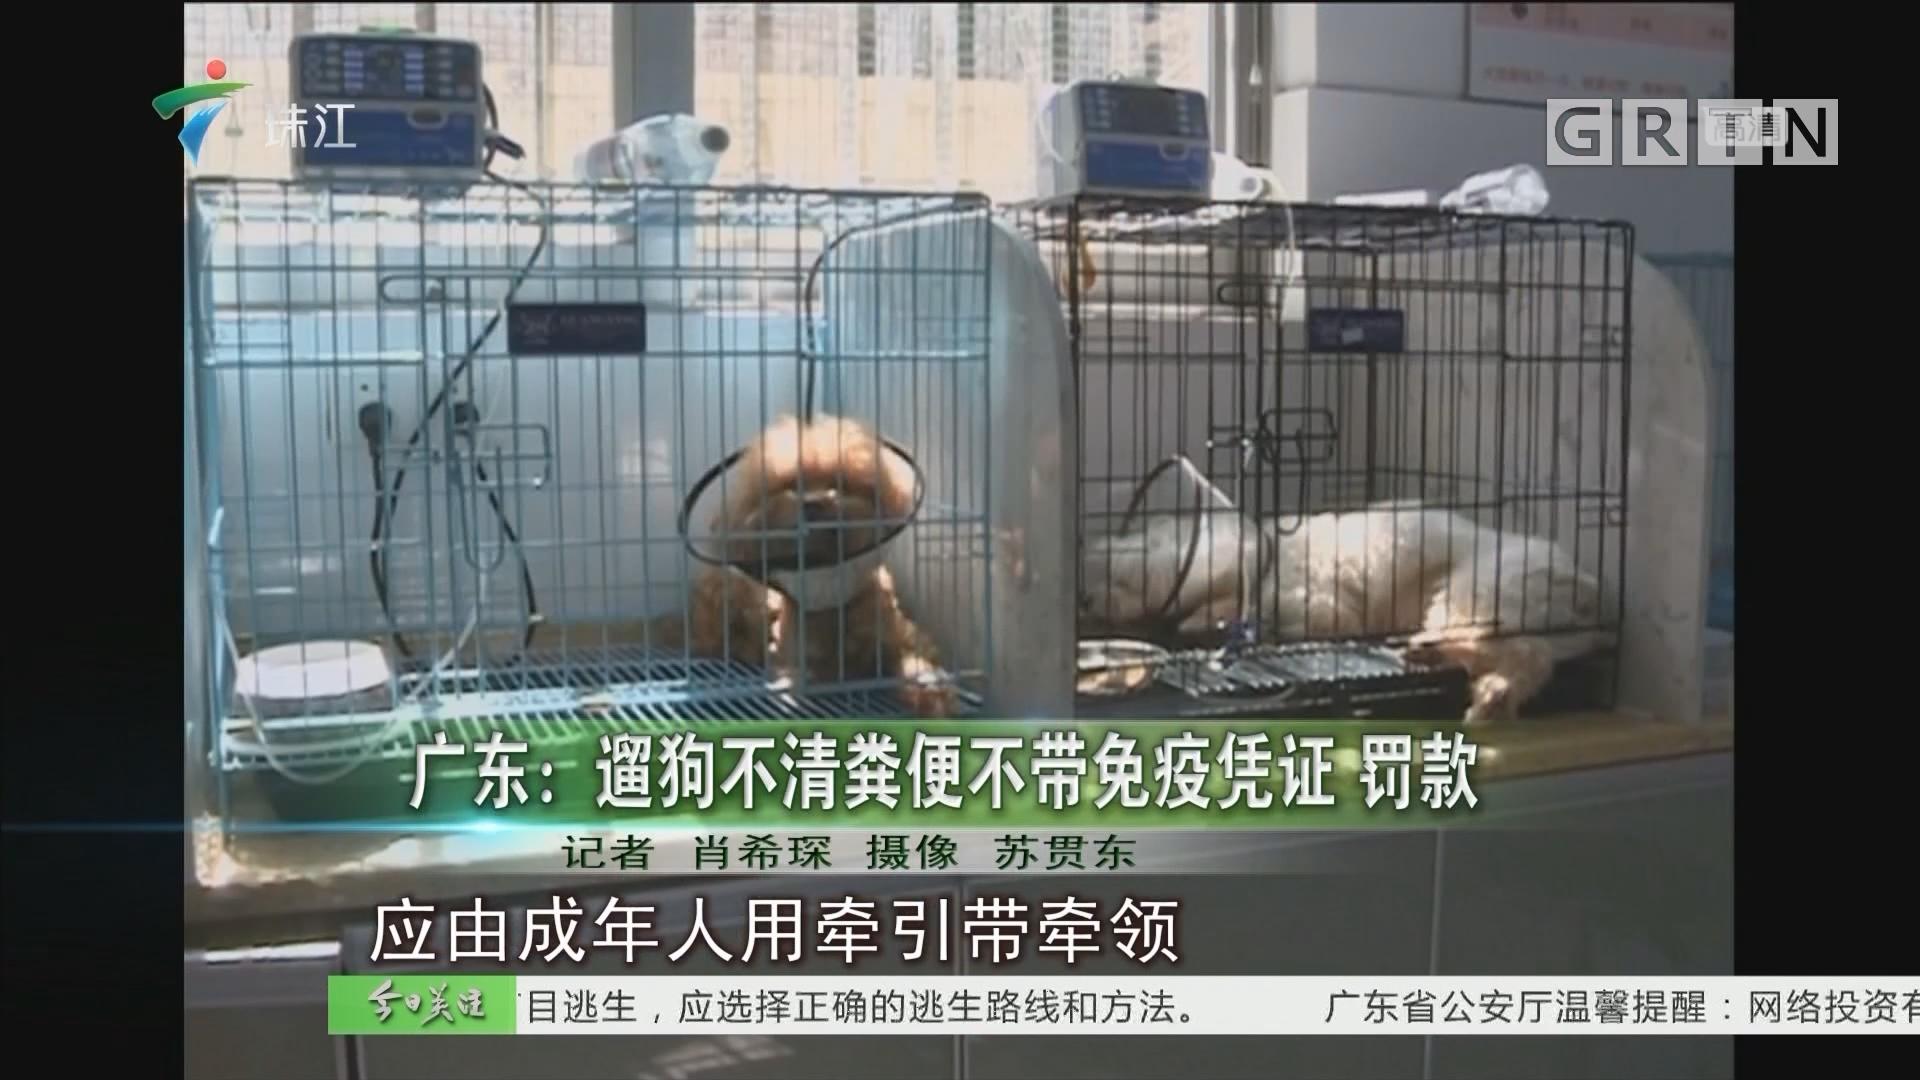 广东:遛狗不清粪便不带免疫凭证 罚款